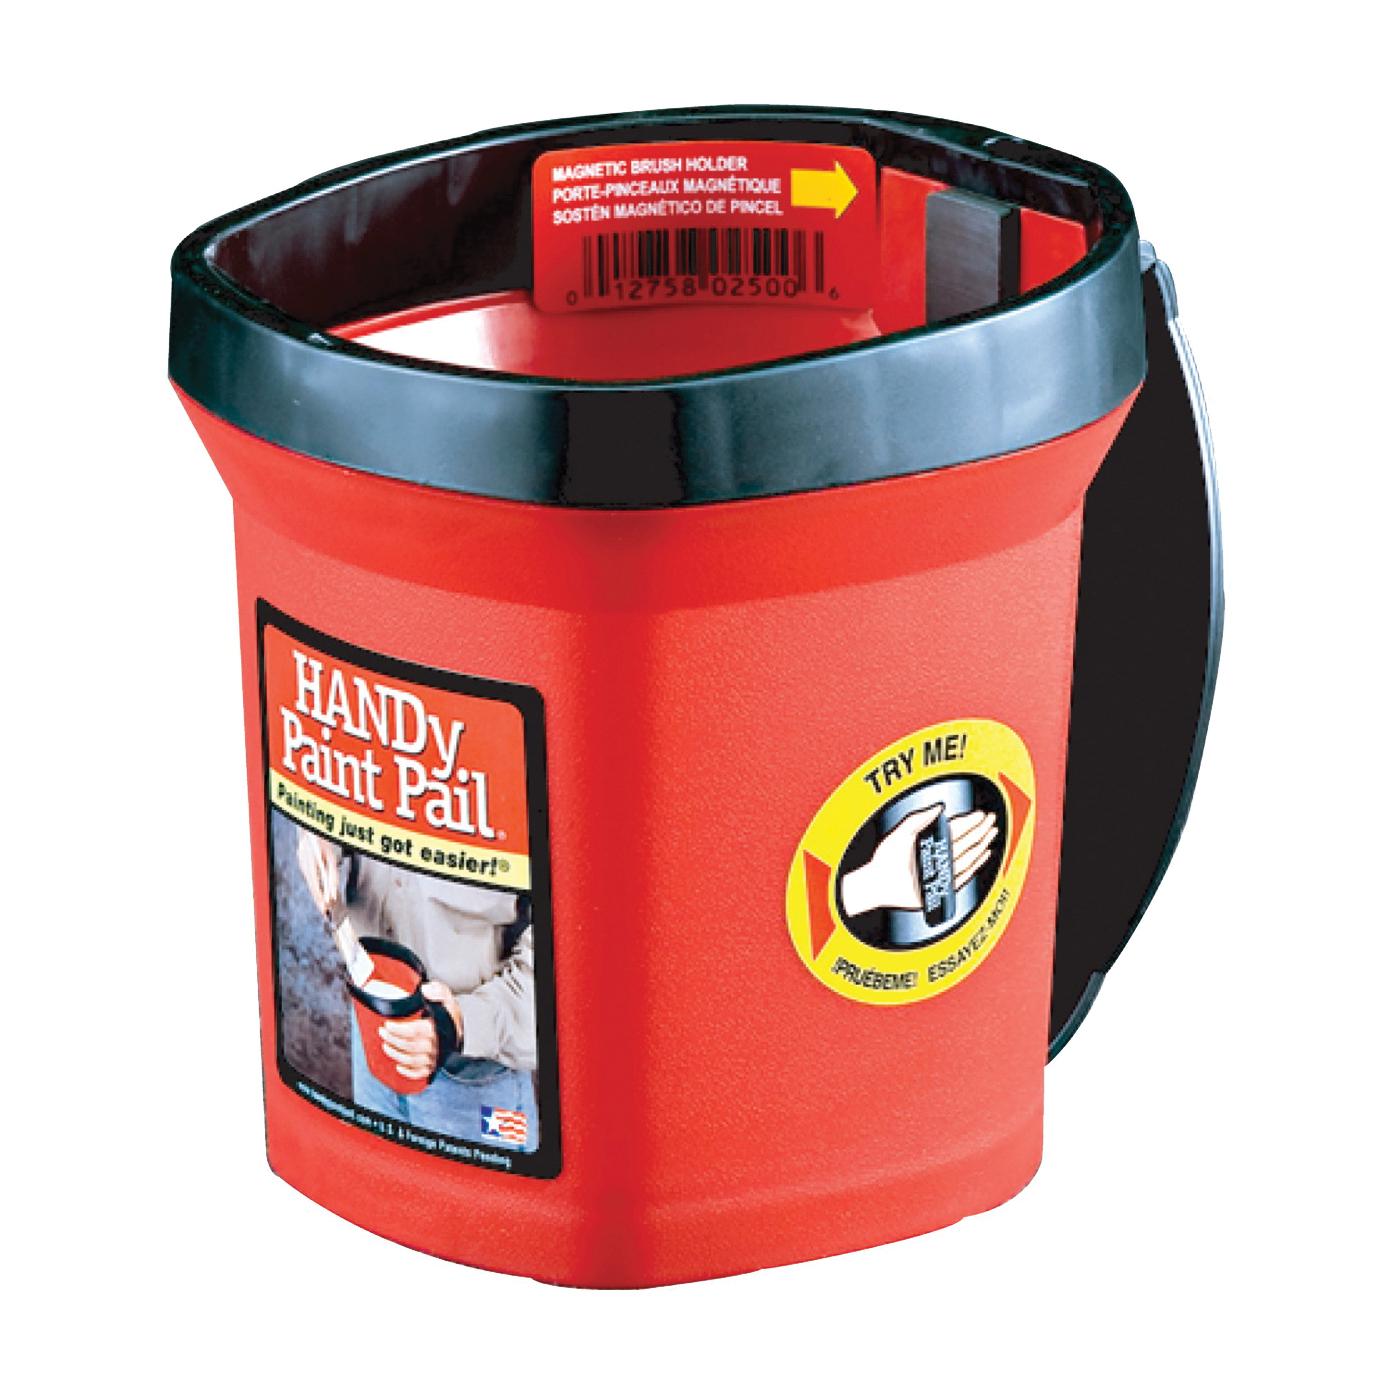 Picture of HANDy BER-2500CT Handy Paint Pail, 1 qt Capacity, Plastic